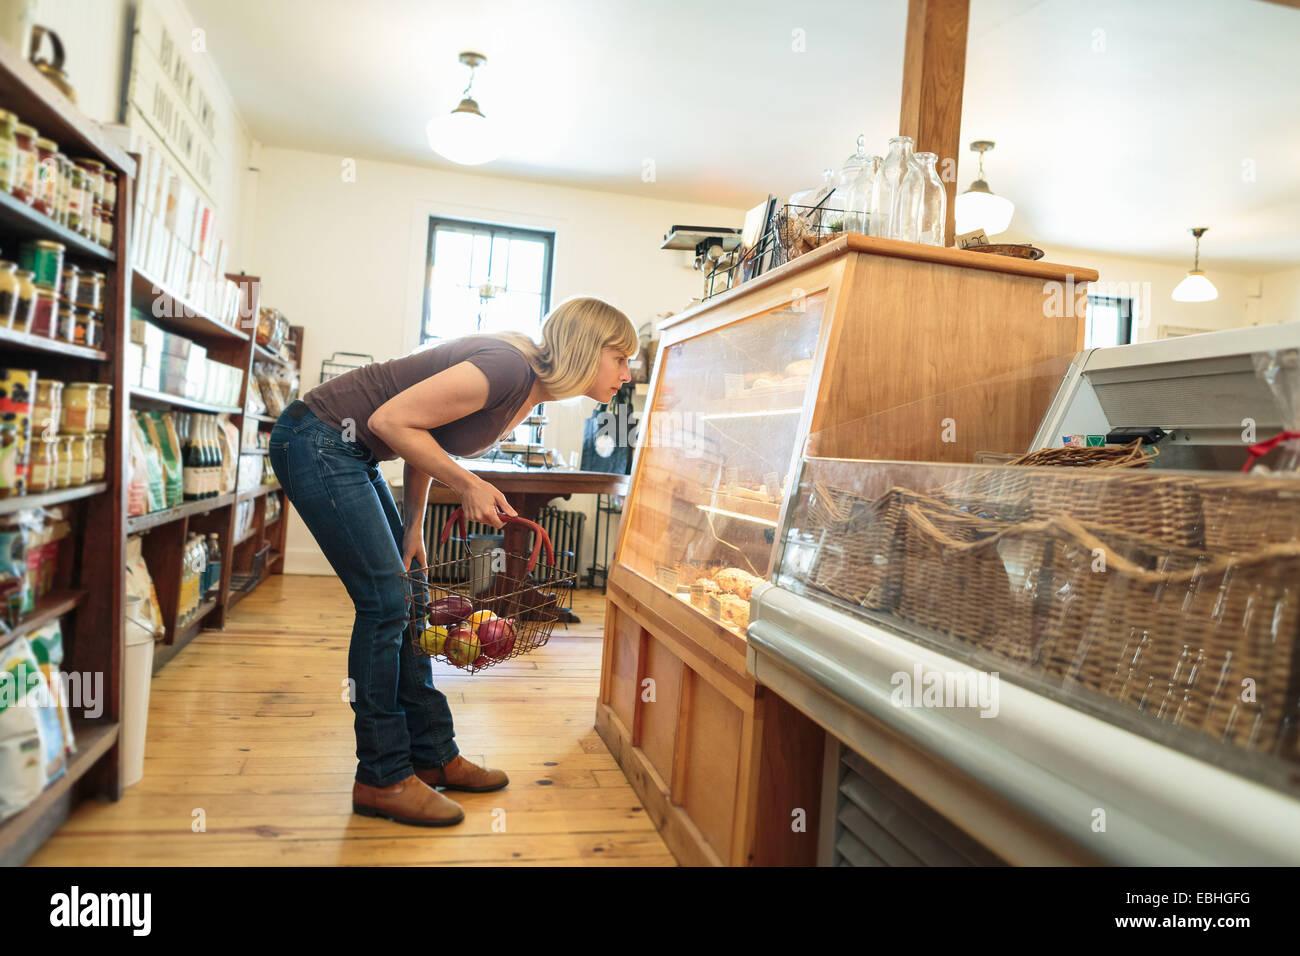 Cliente femmina appoggiandosi a guardare il display cabinet nel paese store Immagini Stock